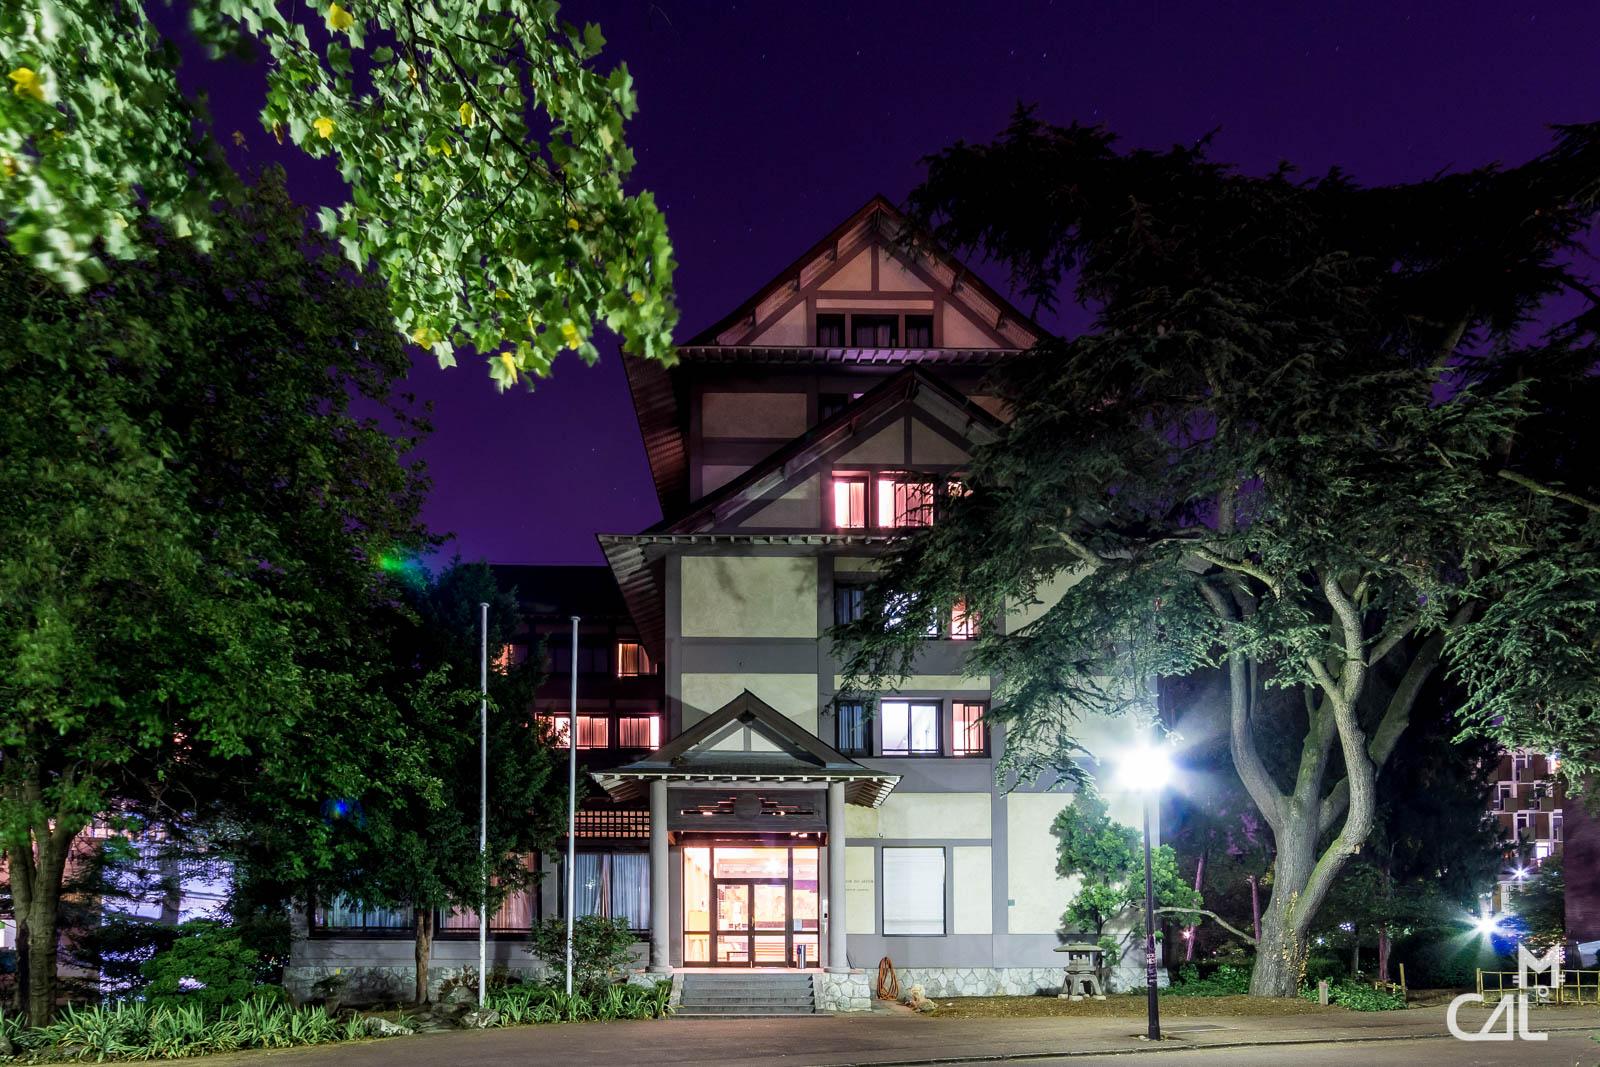 Cit universitaire maison du japon toute en hauteur et typique mon chat - Maison du japon a paris ...